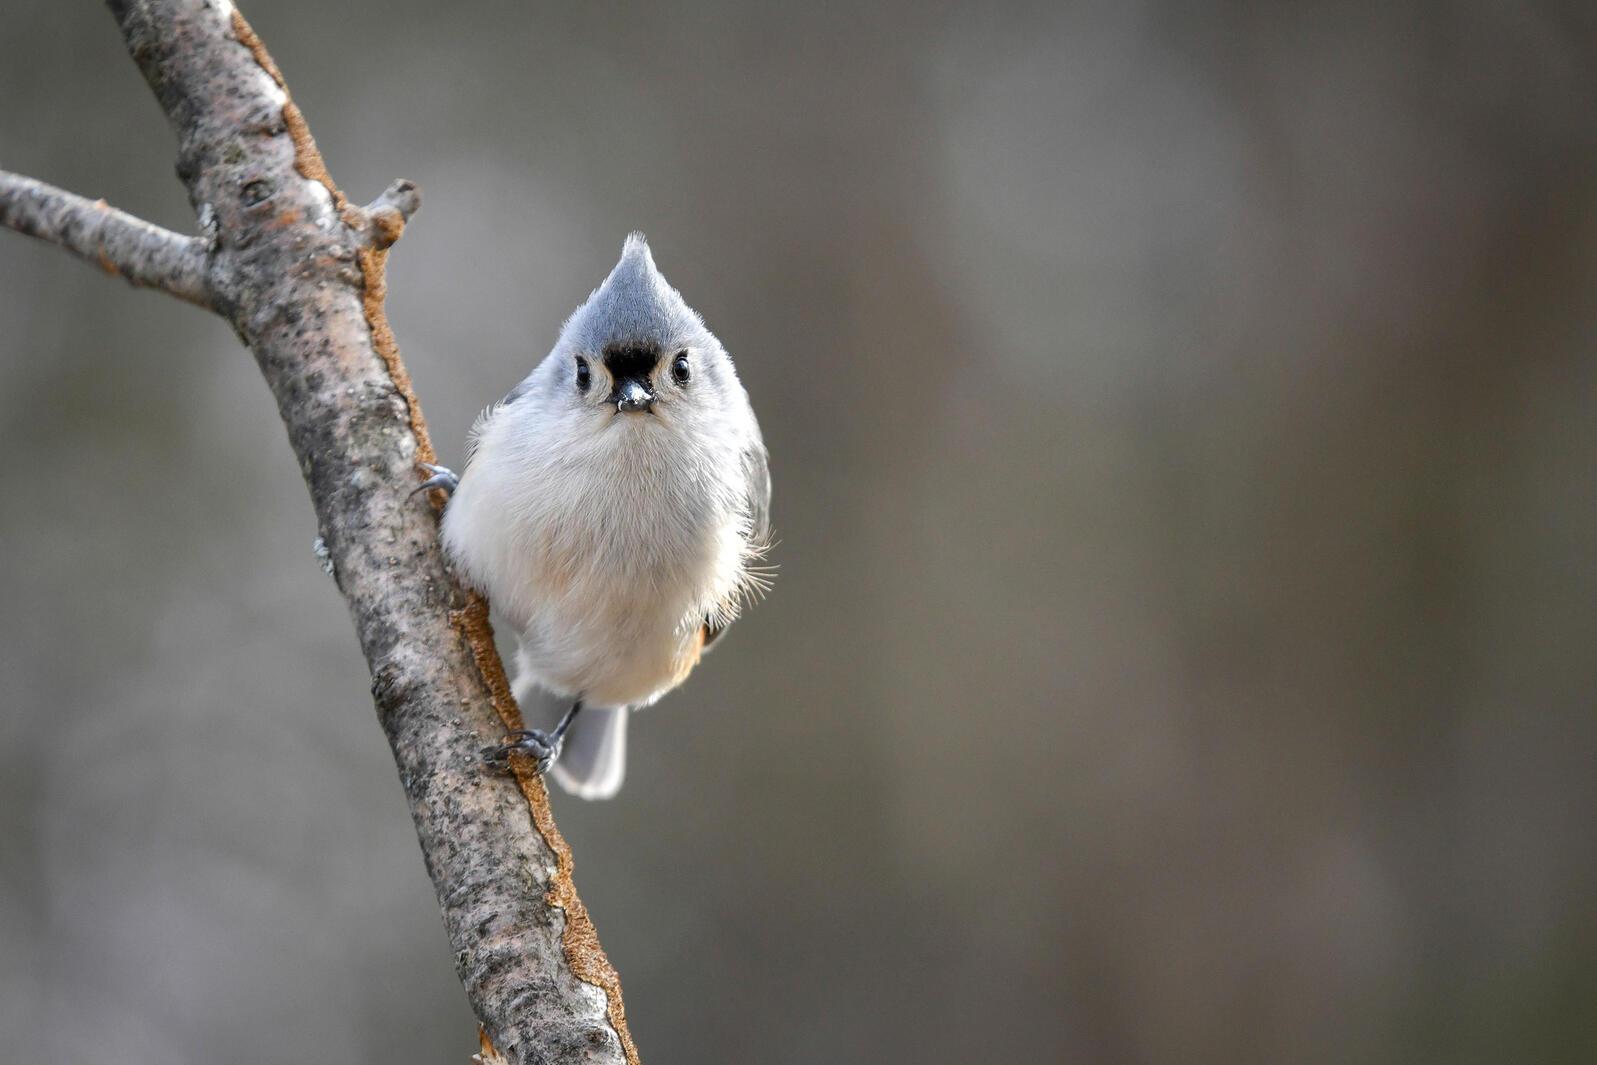 Tufted Titmouse. Deborah Bifulco/Great Backyard Bird Count